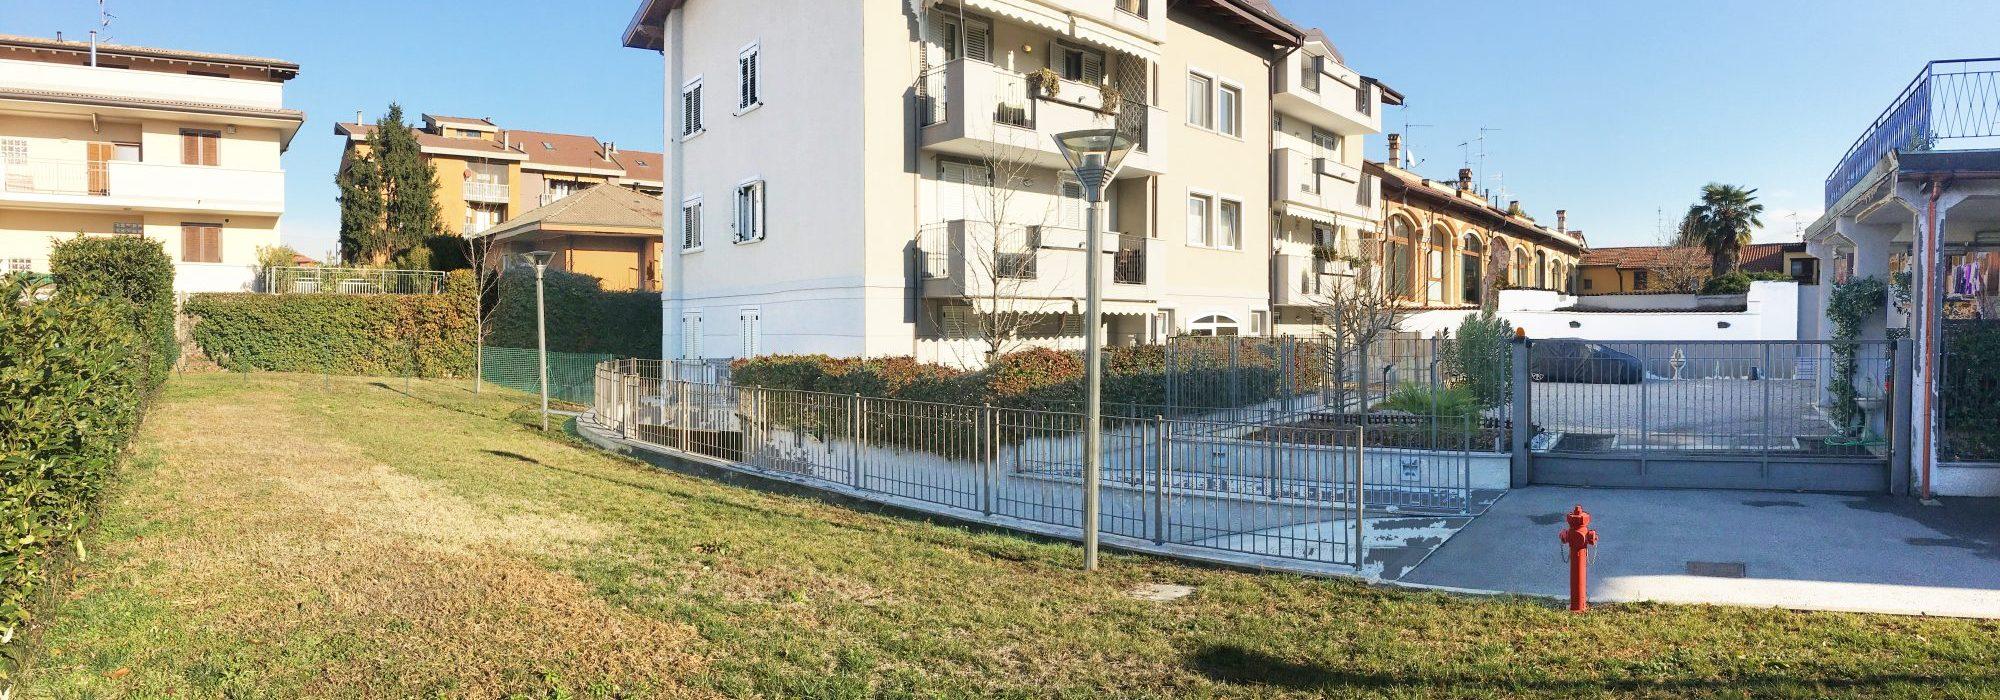 Arese – Nuova Costruzione – Residenza il Melograno- 2Locali con Giardino